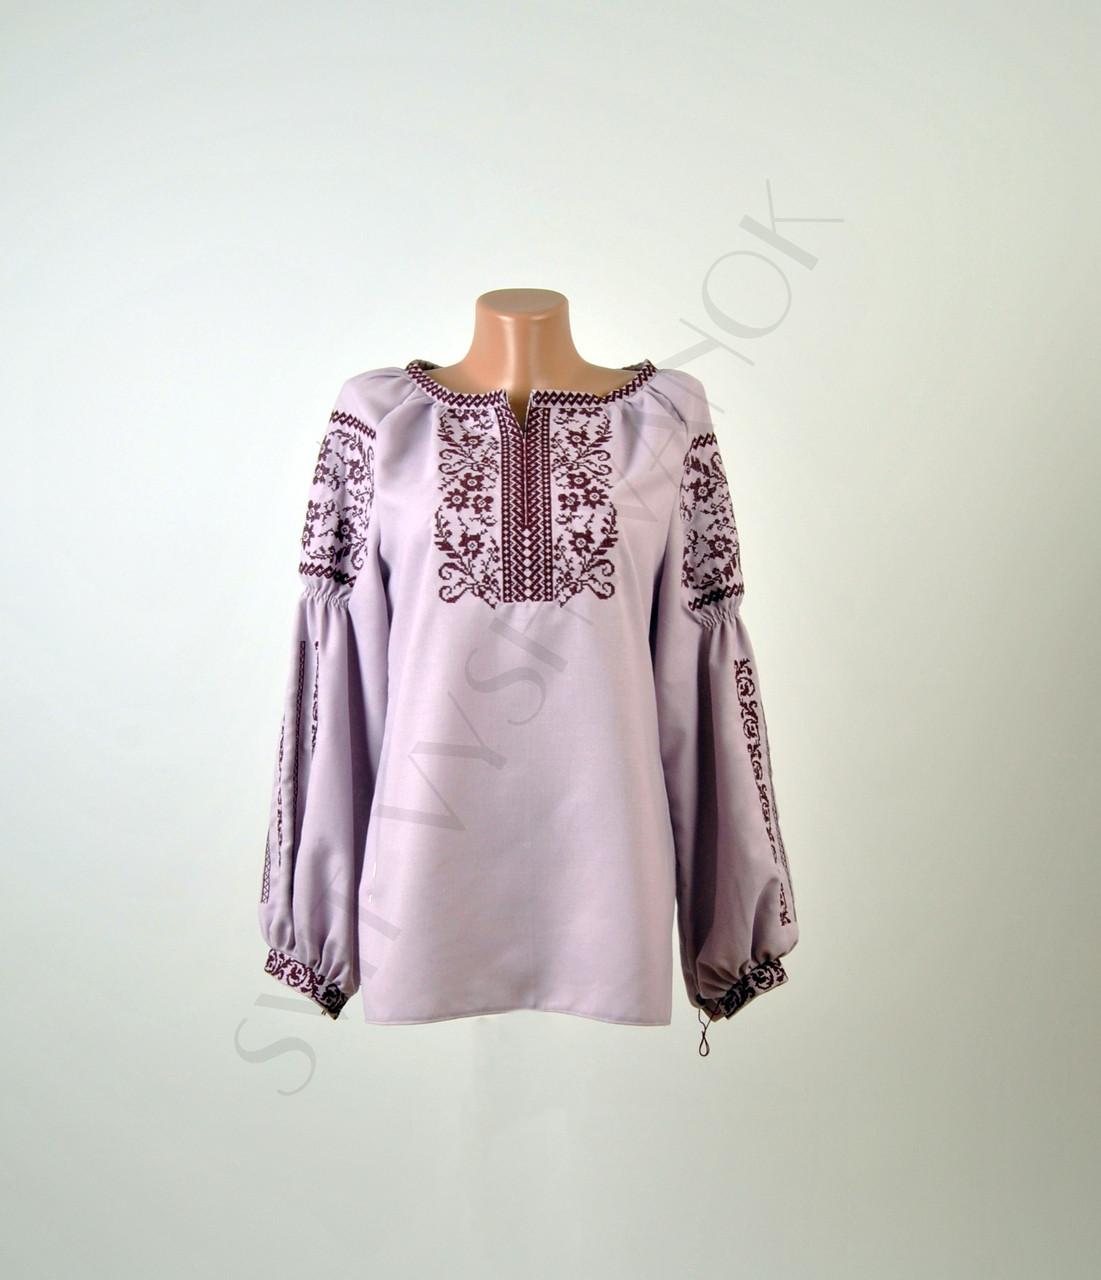 Жіноча вишиванка бузкового кольору з машинною вишивкою недорого